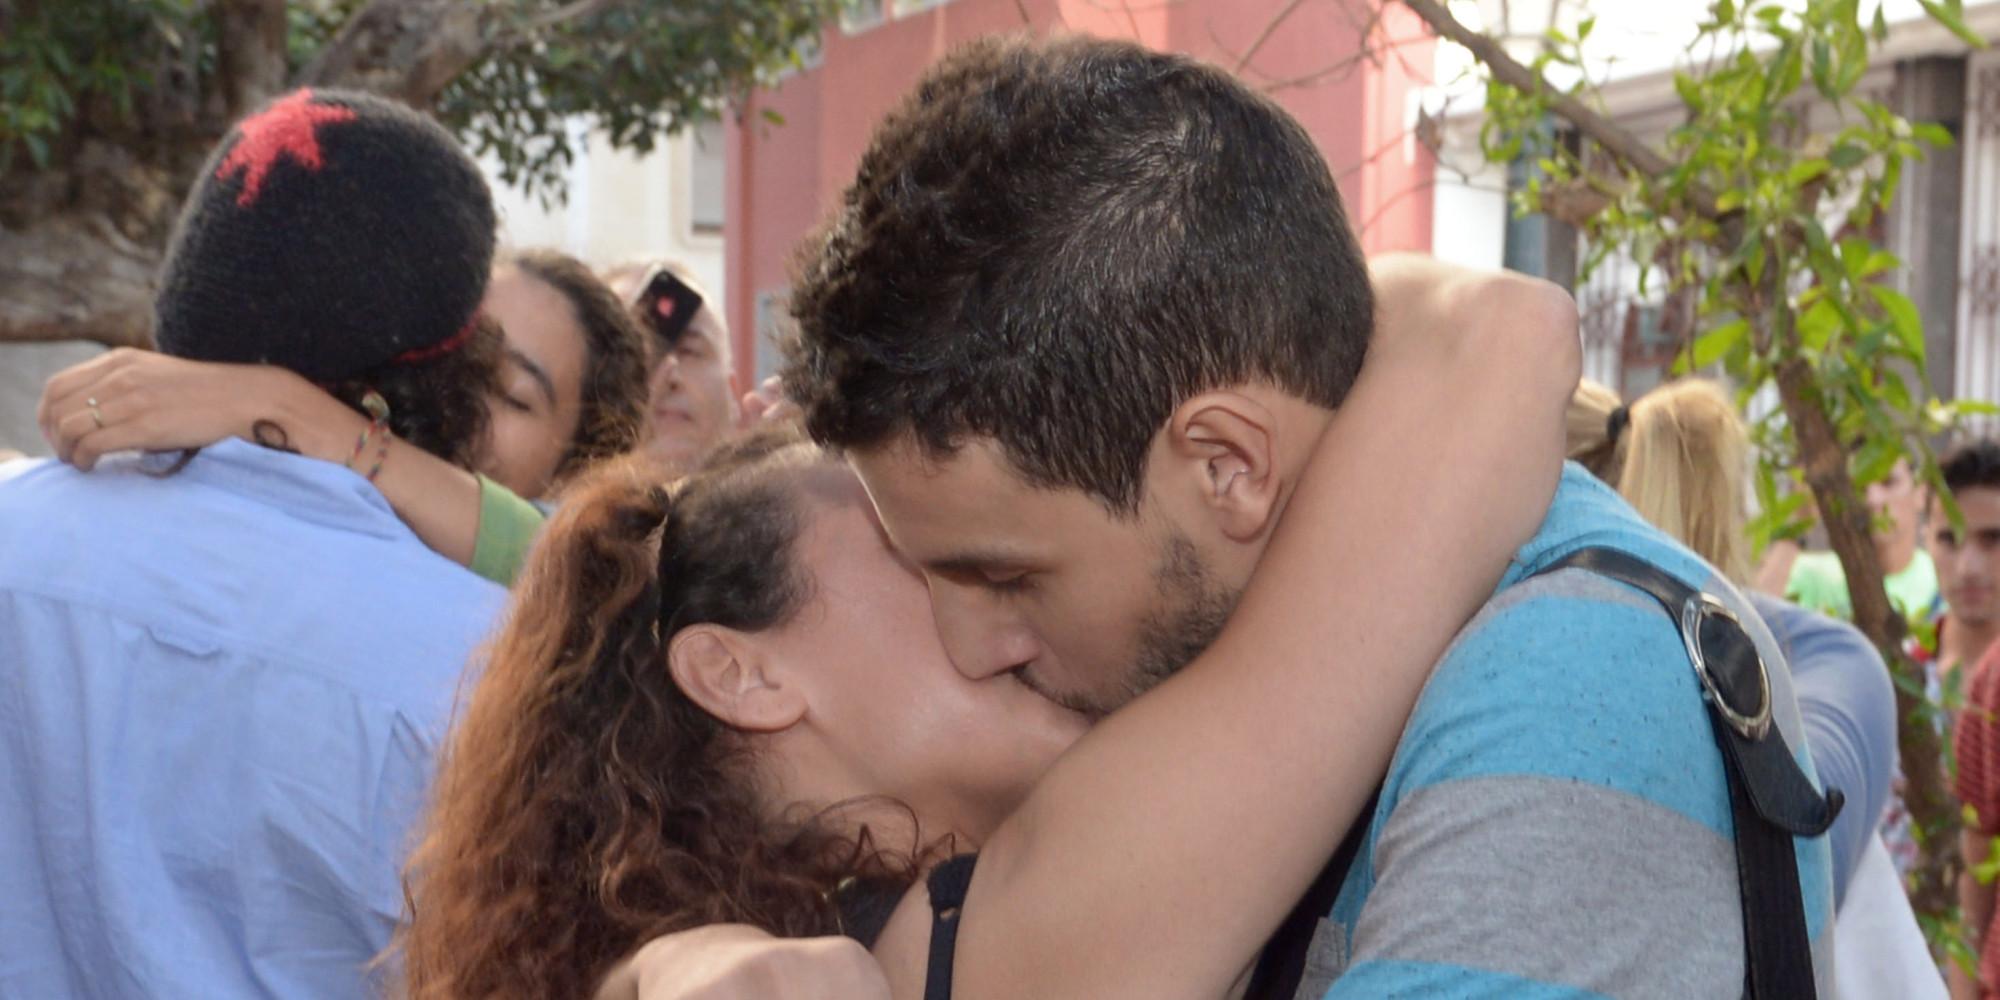 Les adolescents veulent baiser